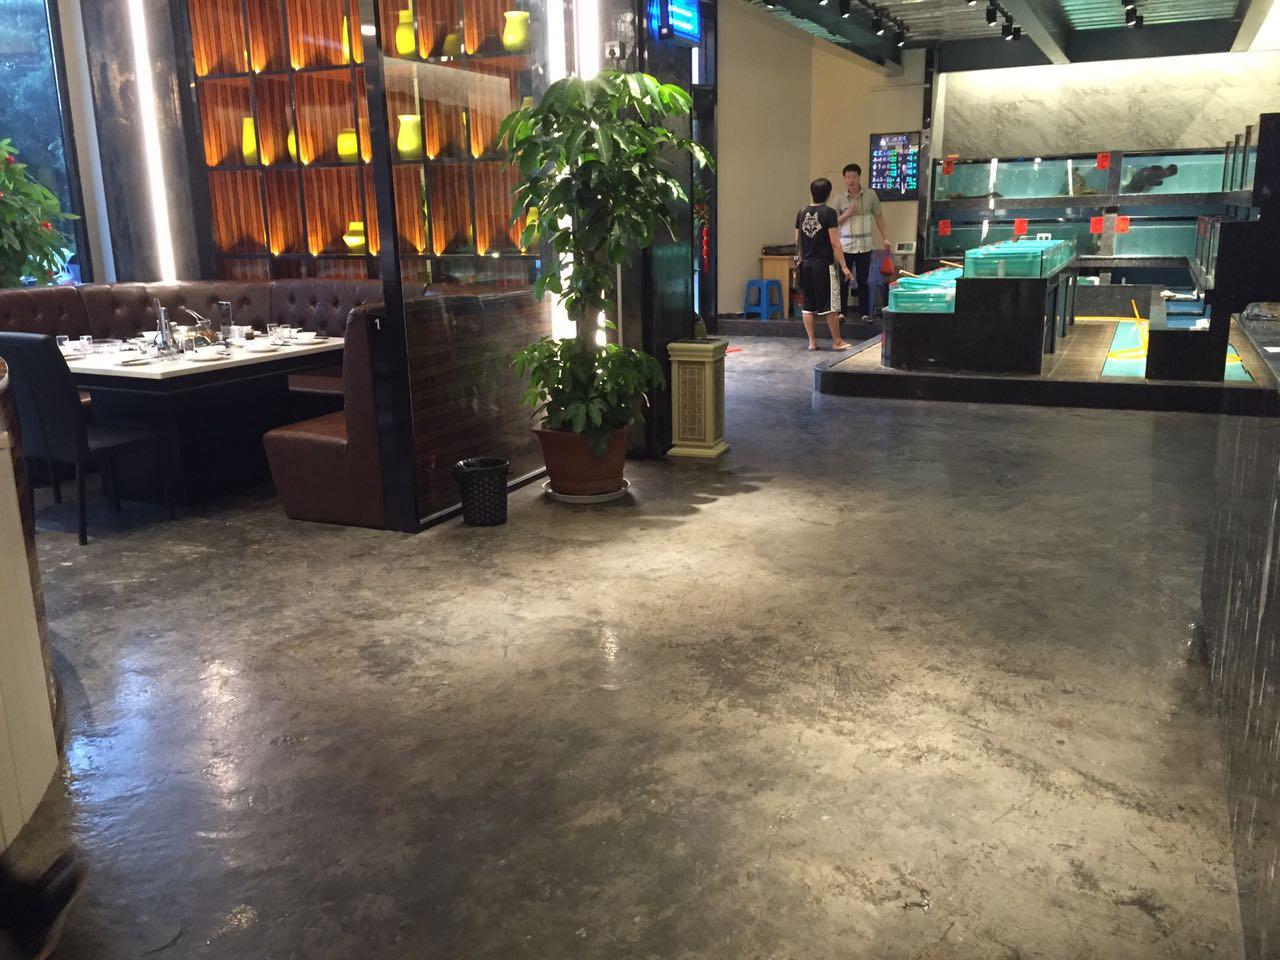 扬州咖啡厅艺术水泥地面漆,扬州咖啡厅仿古地坪漆,扬州咖啡厅水泥地面做旧漆,扬州咖啡厅怀旧地坪漆,扬州咖啡厅纹路纹理地坪漆,扬州咖啡厅复古地坪漆,扬州咖啡厅艺术复古地坪漆,扬州咖啡厅艺术墙面漆是采用进口原材料精心提炼的树脂与地面或墙面上的水泥起化学反应而生成的不规则的自然的图案,广泛运用于艺术中心、博物馆、家庭客厅、书房、商场,酒吧,KTV,咖啡店,咖啡厅,外贸高档服装店,餐饮店,茶楼,桌球室,宾馆酒店等娱乐场所,地面装修中。